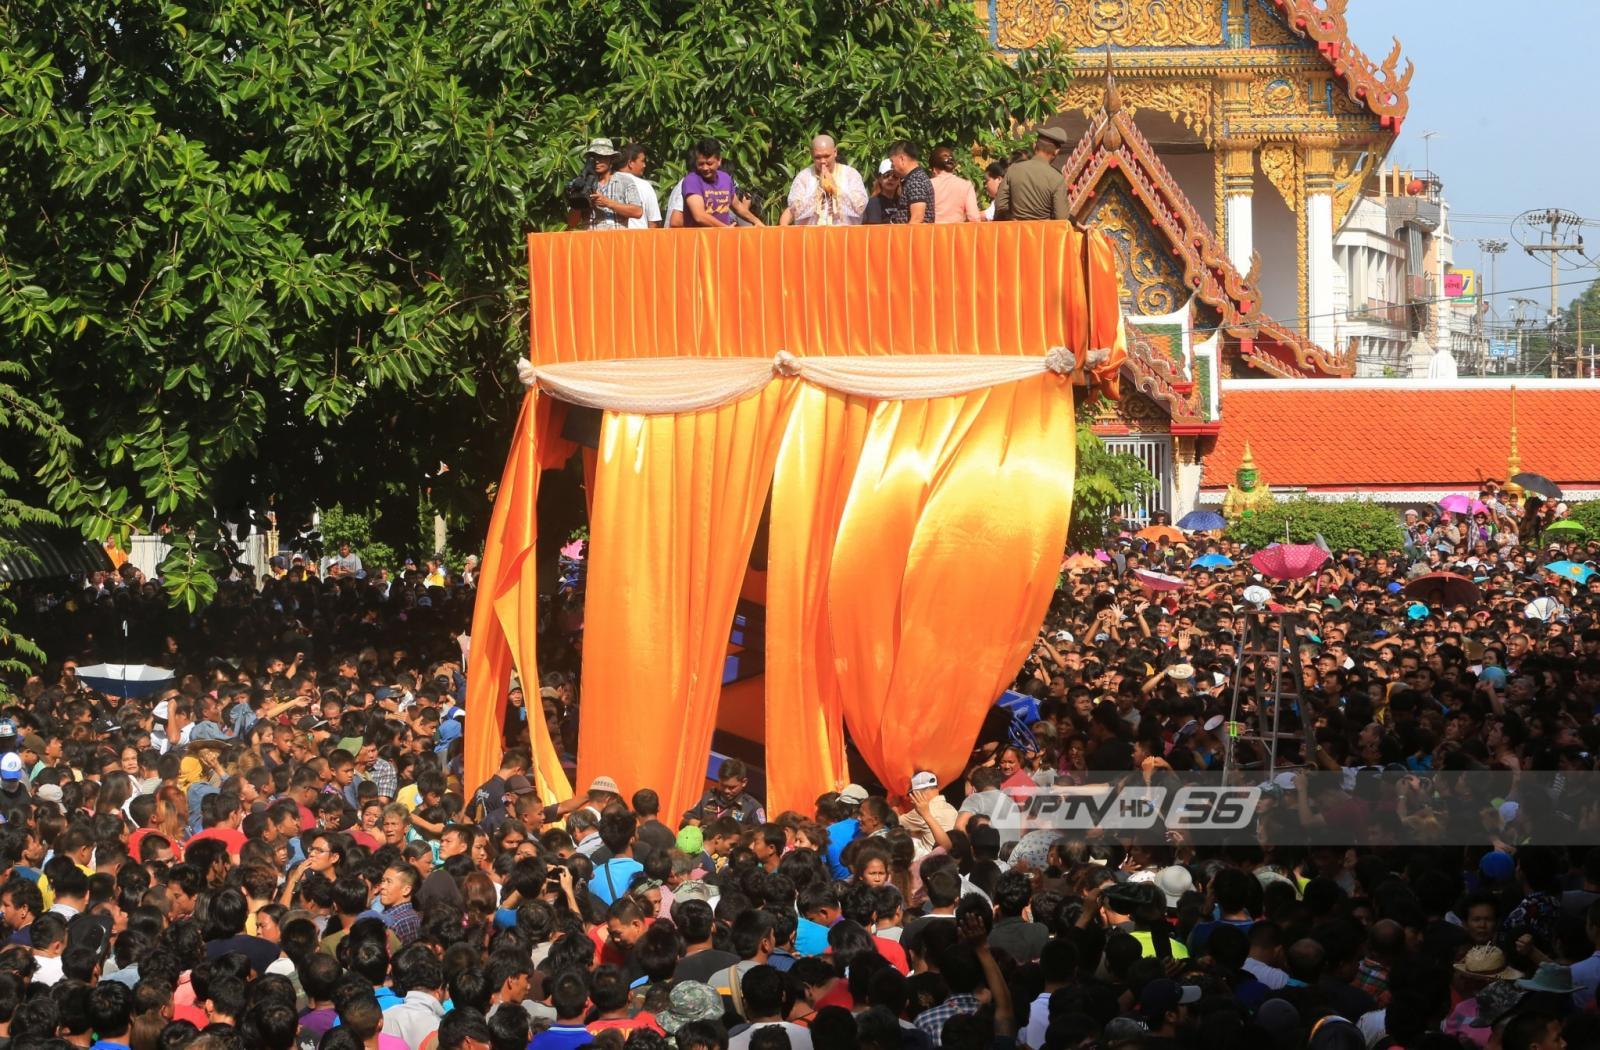 เศรษฐีราชบุรีโปรยทาน 1 ล้าน ควงช้าง-ม้า แห่นาคงานบวชลูกชาย